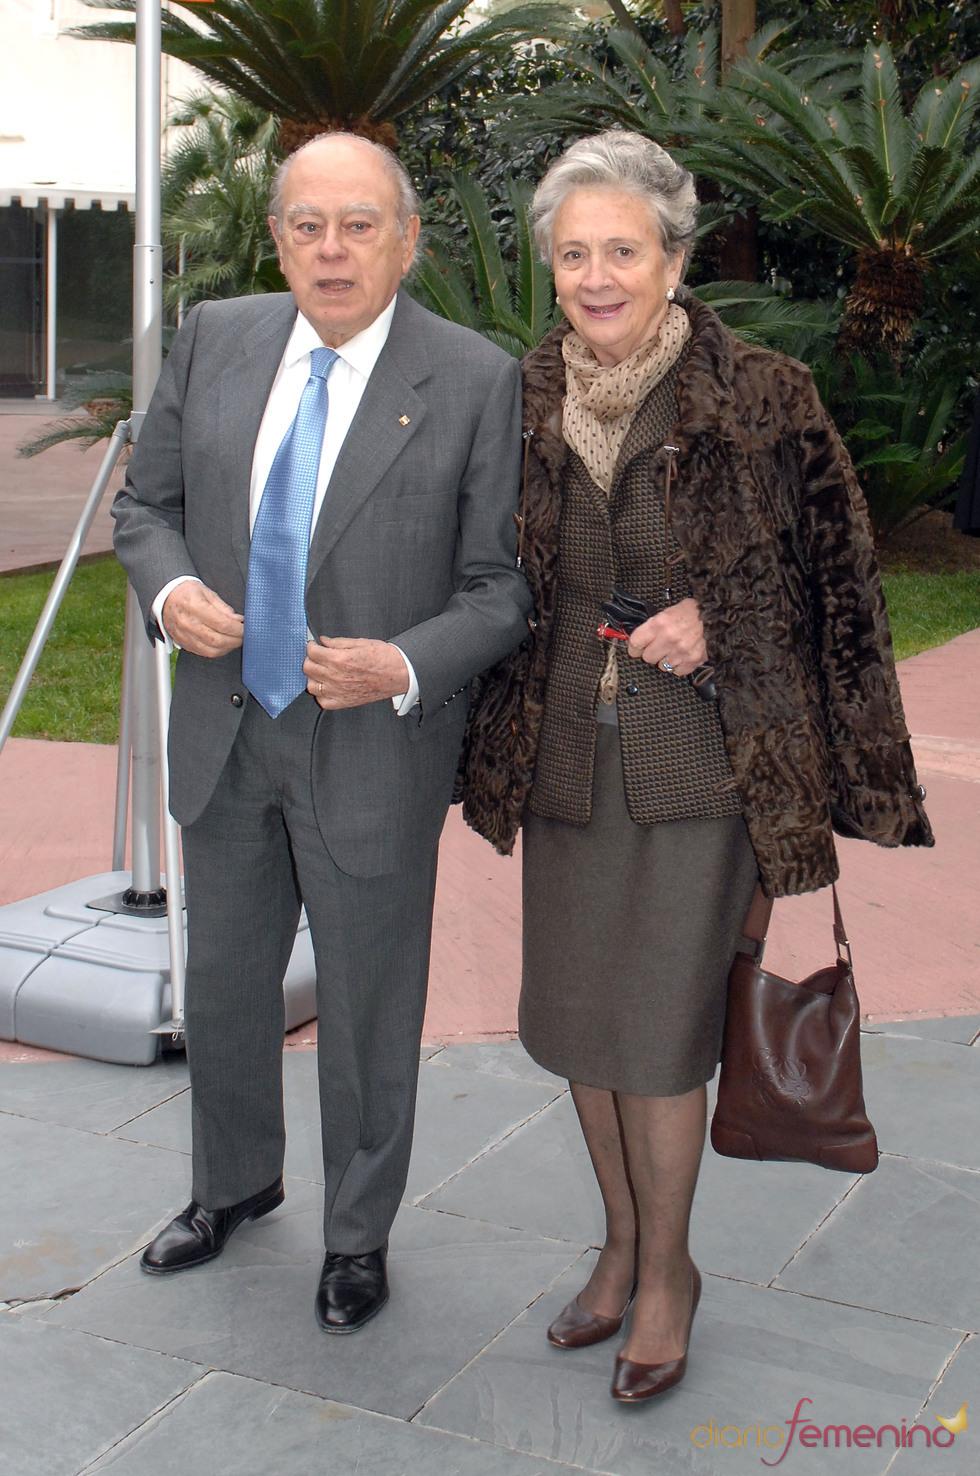 Jordi Pujol y Marta Ferrusola en los Premios Protagonistas 2010